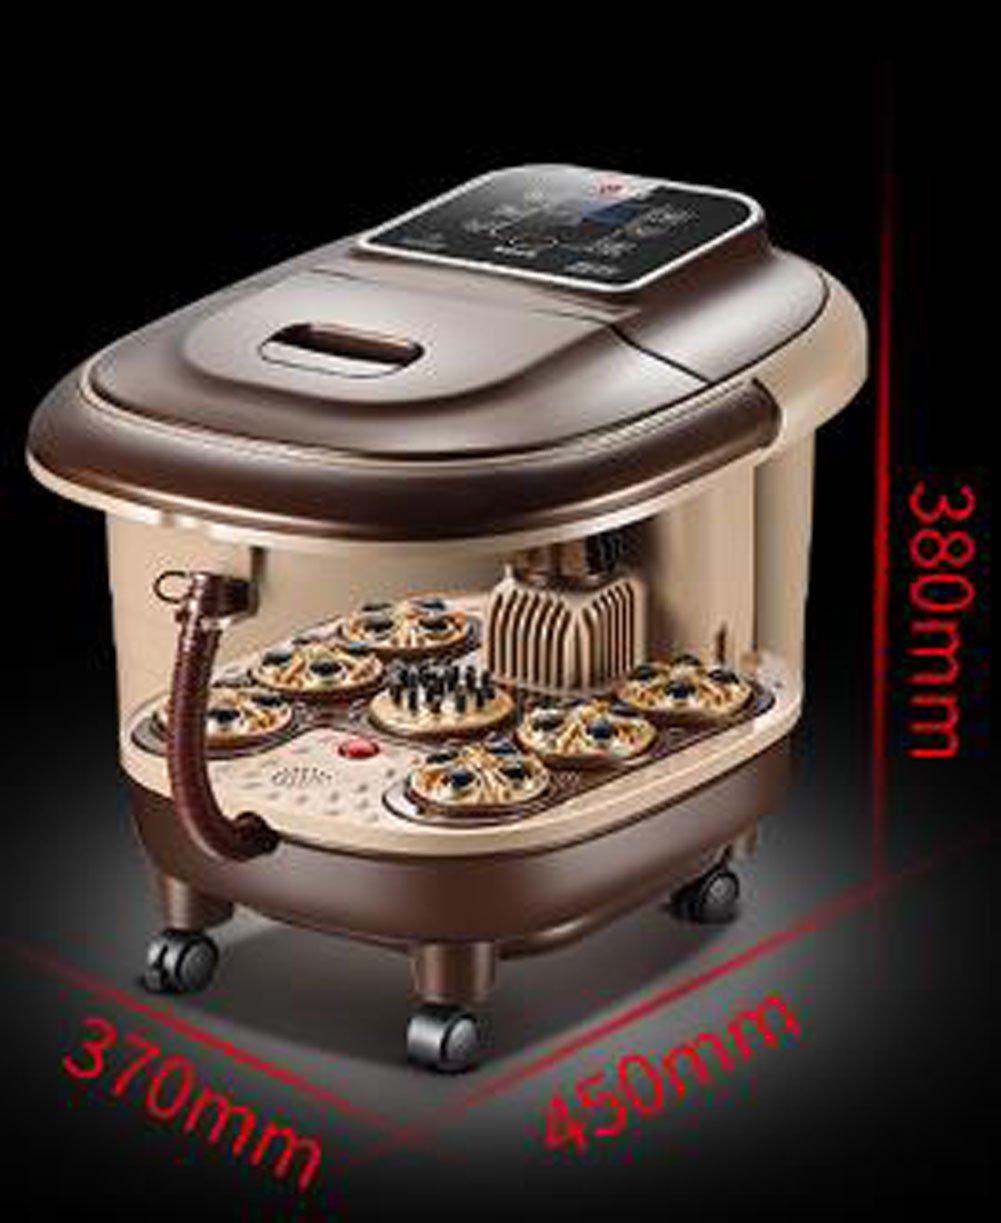 フットマッサージャースパ暖房電気式赤外線マッサージャーフィートフットスパスージング70x45x38cm B07H5G67BB